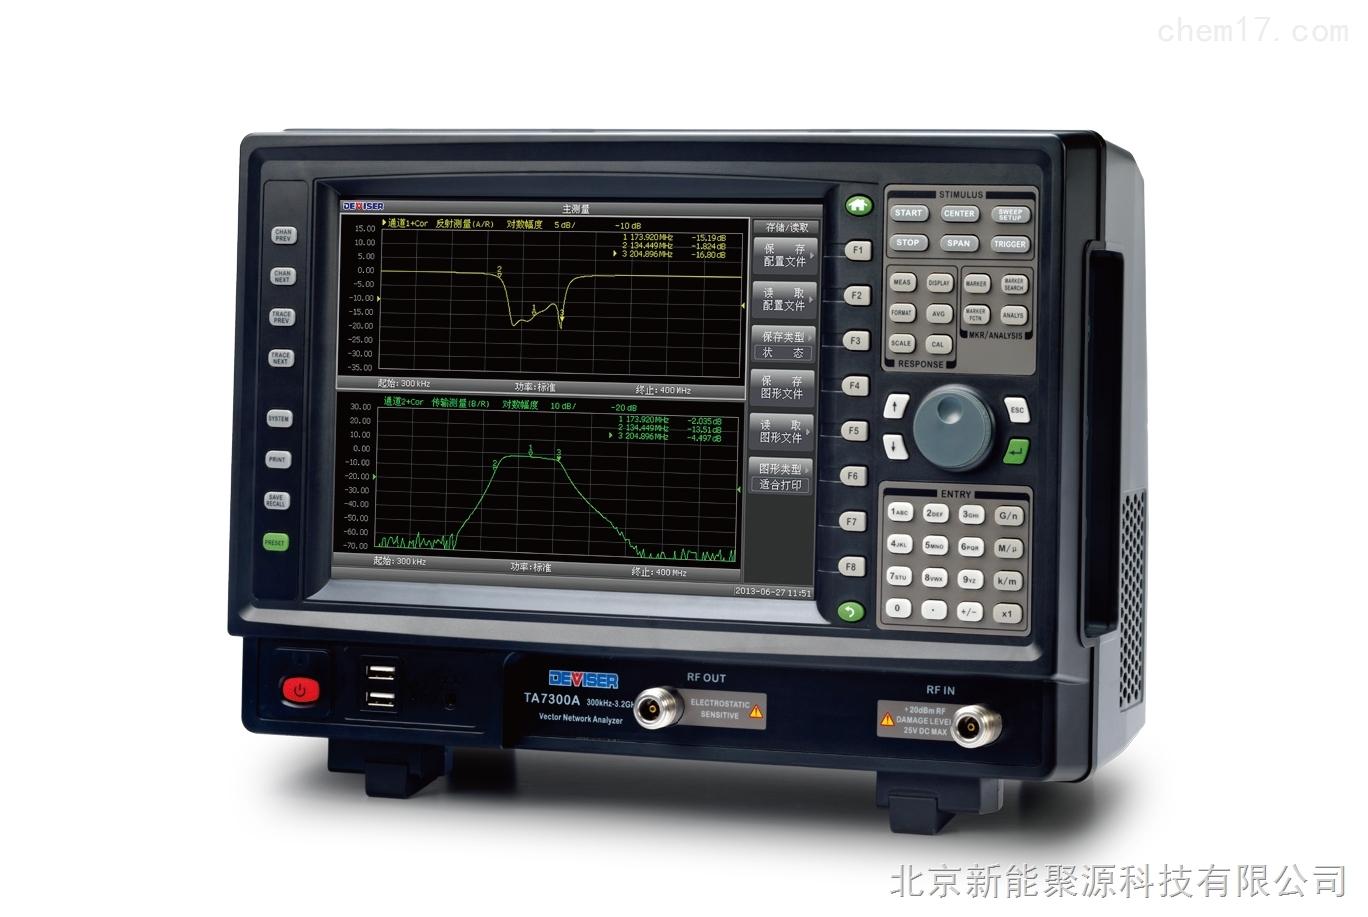 聚源TA7100矢量網絡1.8GHz分析儀